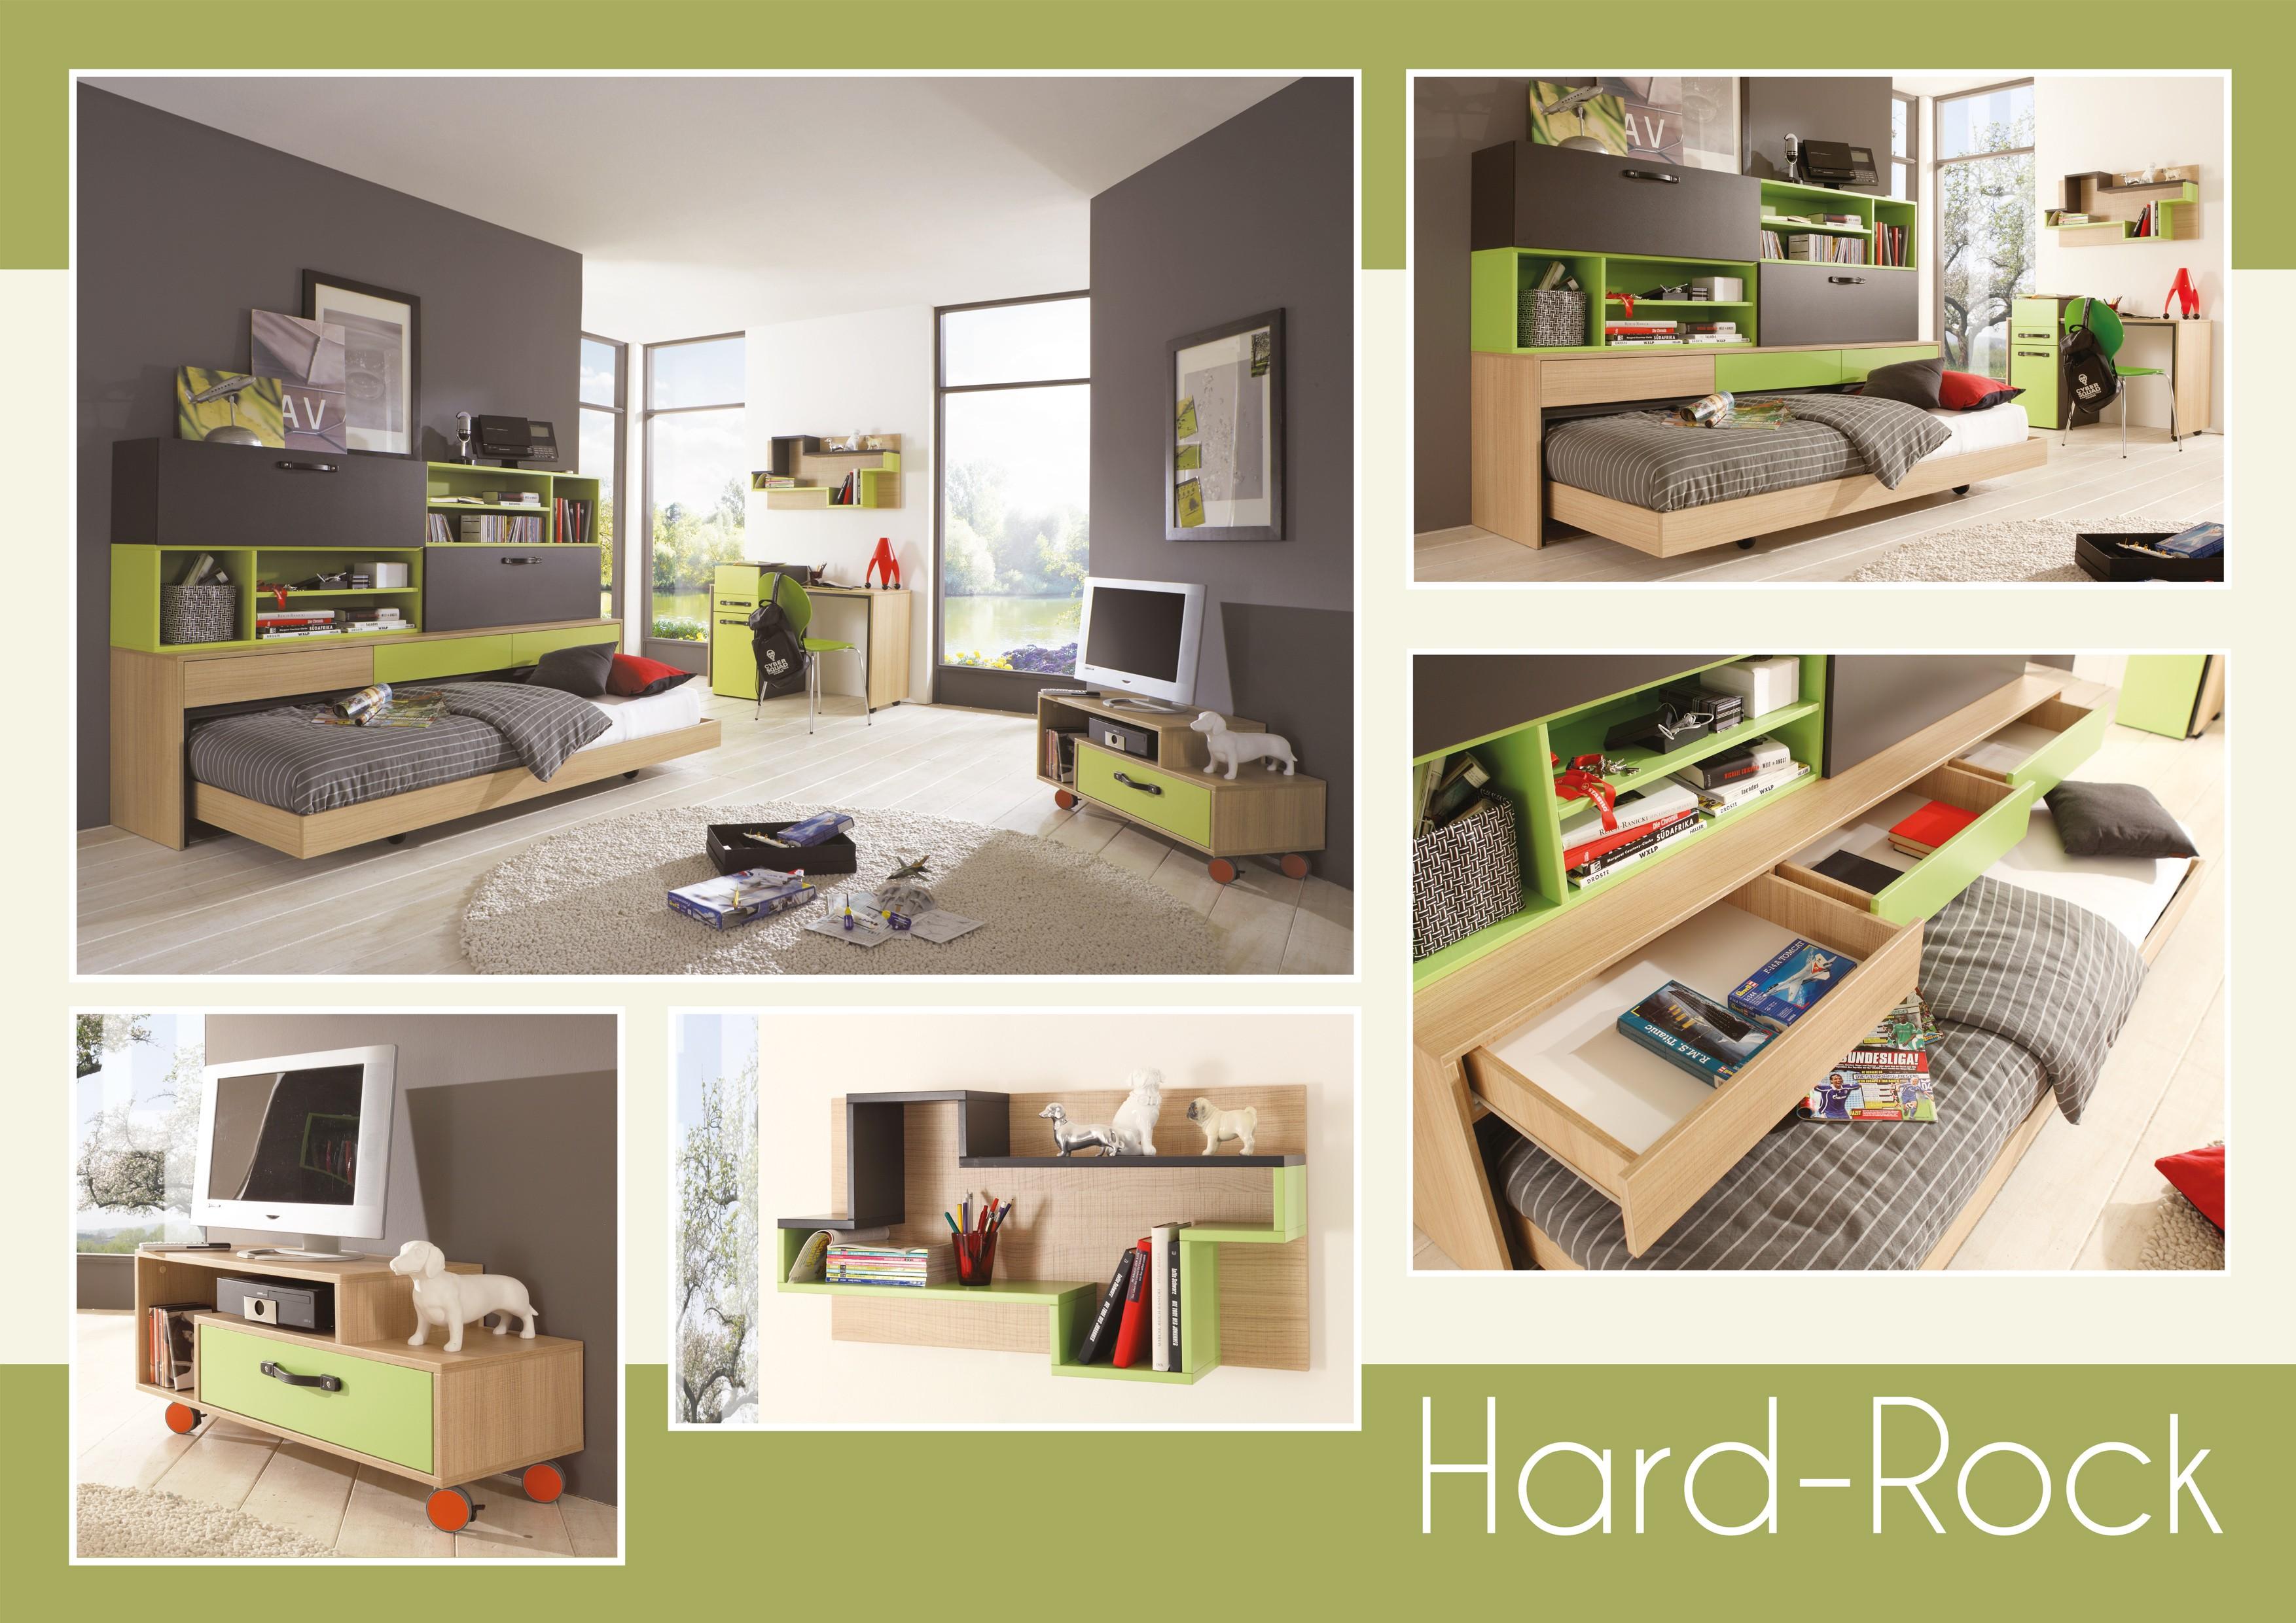 Jugendzimmer für jungs grün  Kinder- & Jugendzimmer - Schlafen - H&C Möbel